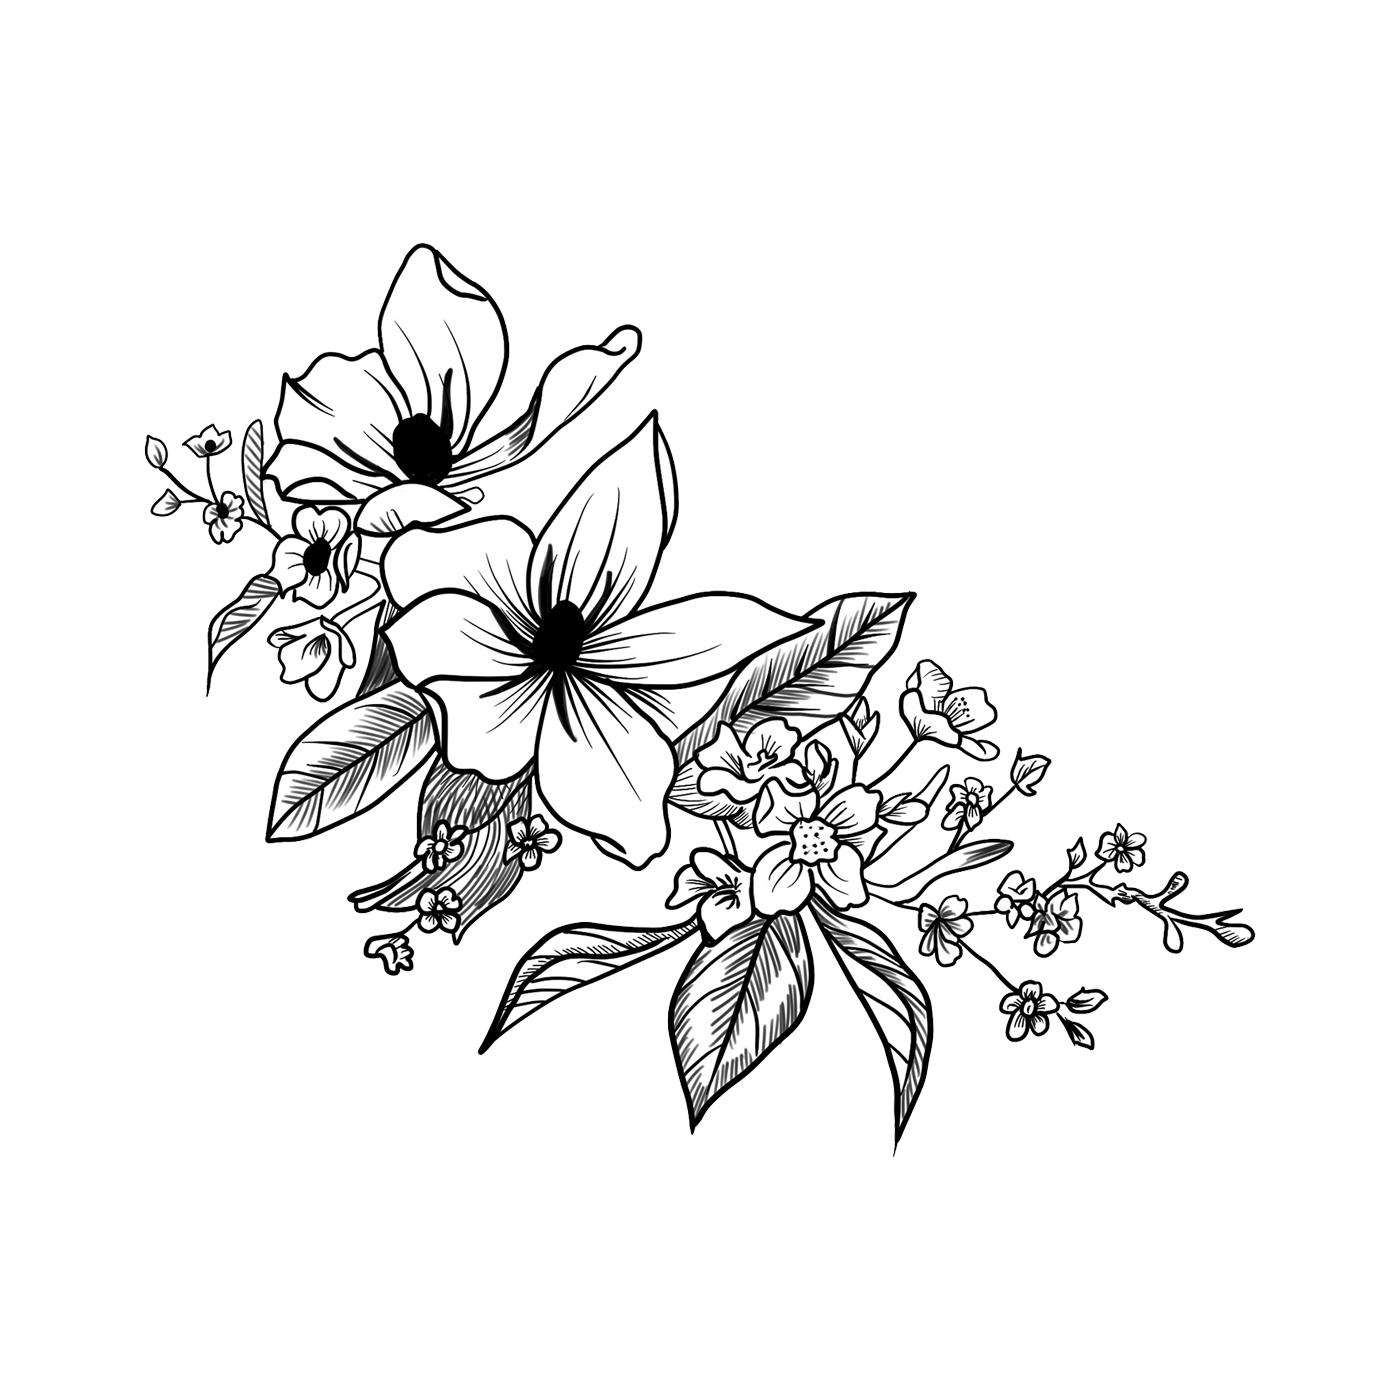 Bleached daffodil